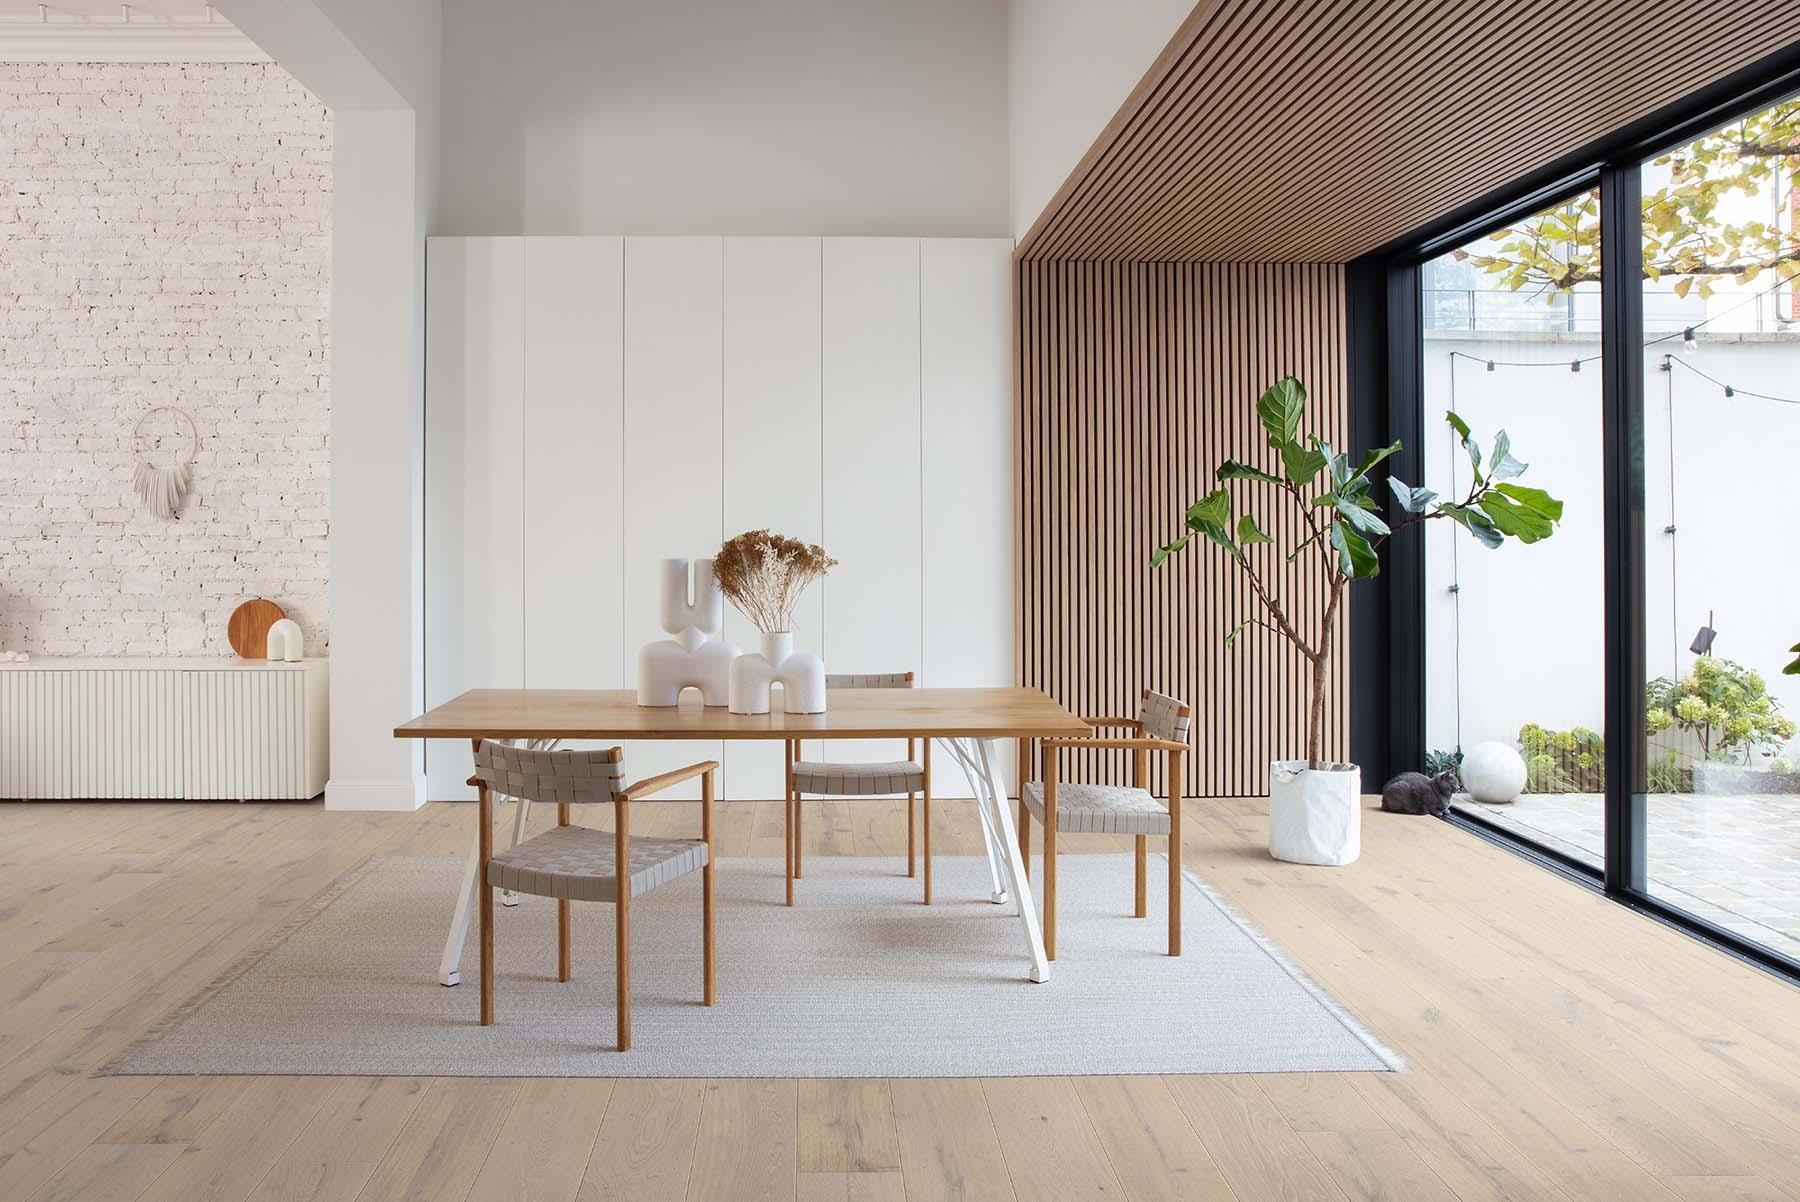 El nuevo minimalismo aporta calidez.